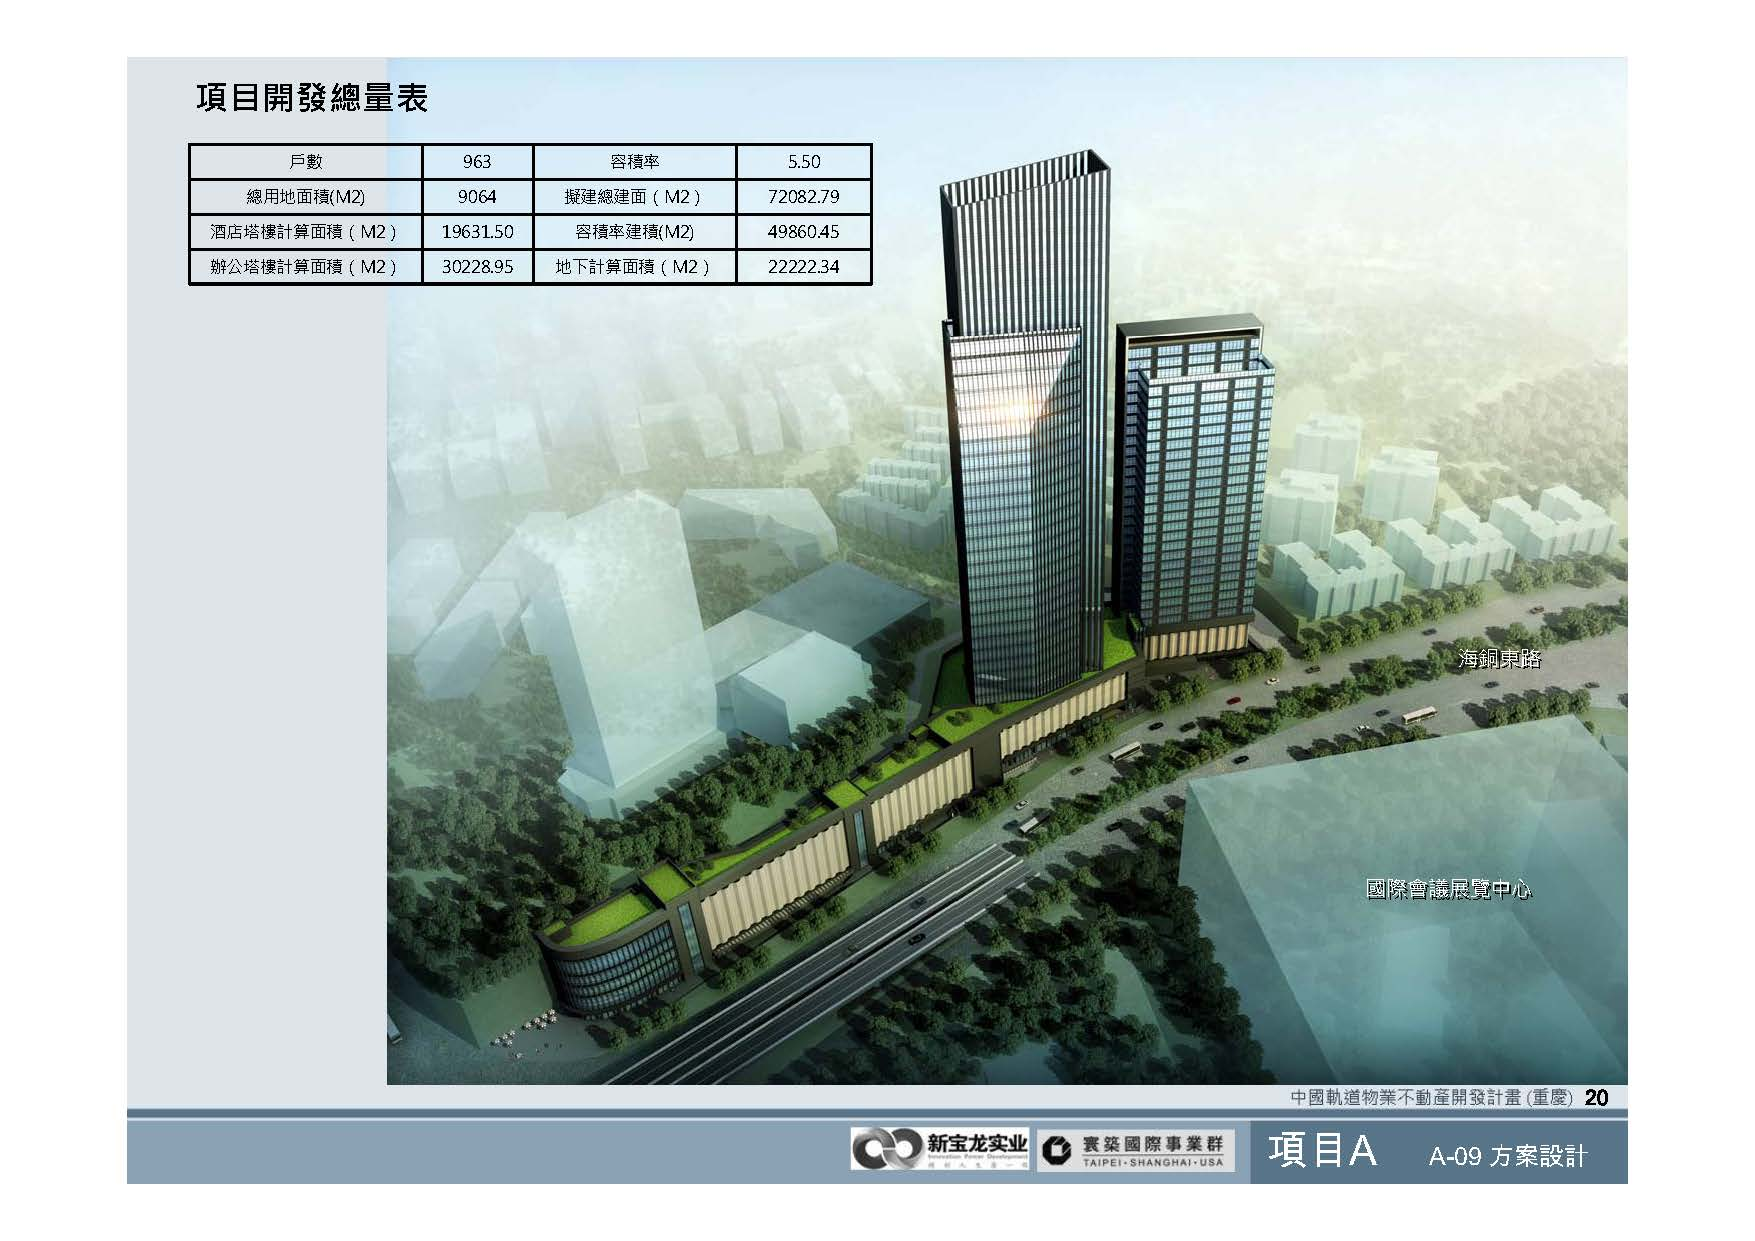 20100812-中國軌道物業不動產開發計畫(重慶)_頁面_21